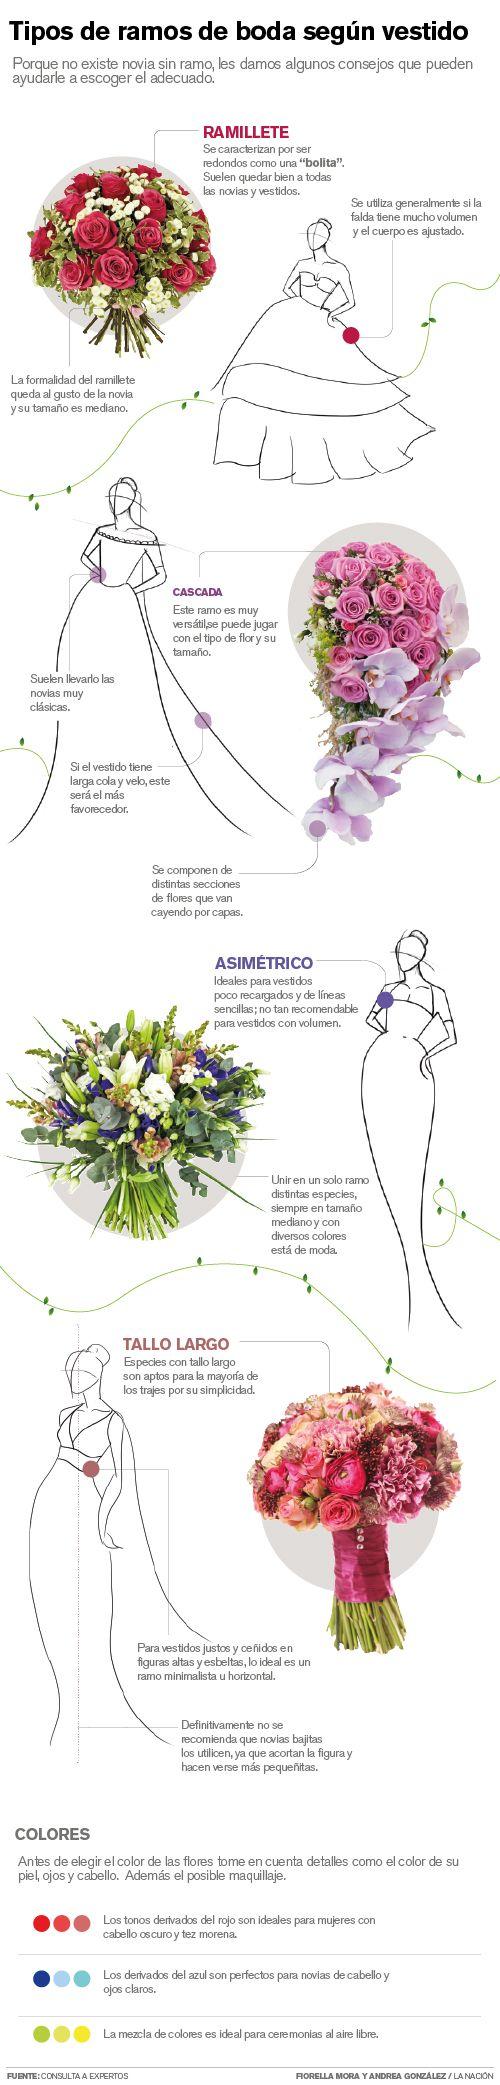 Tipos de ramos de boda según el vestido